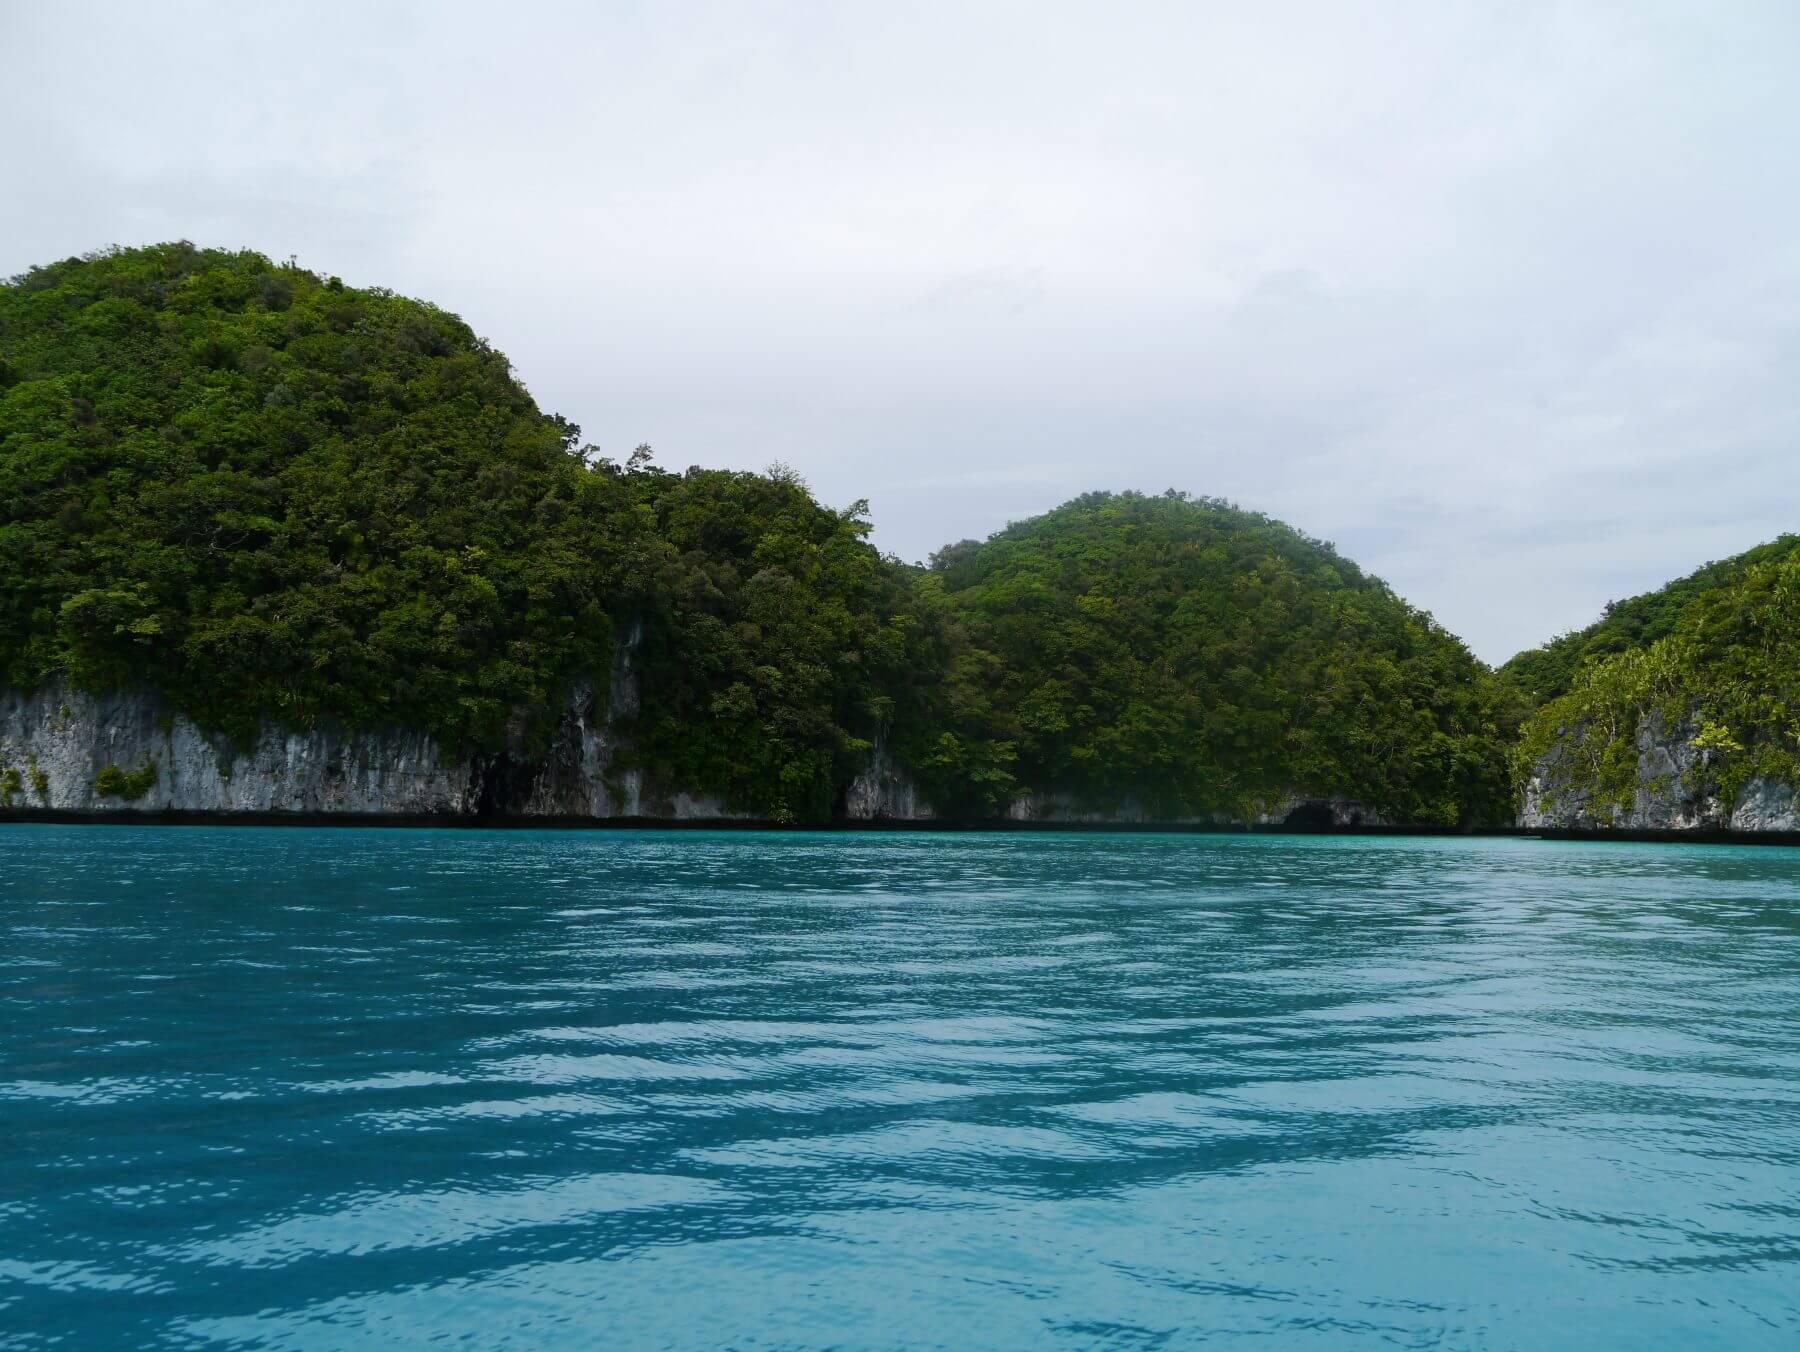 Mikronesien selbst besteht aus über 2000 Inseln bzw. Atollen.